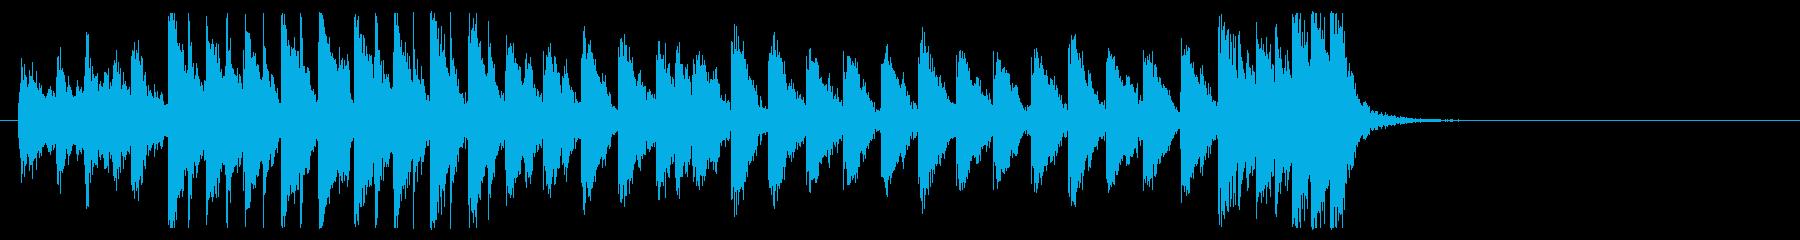 三味線と太鼓のアンサンブル2BMP120の再生済みの波形